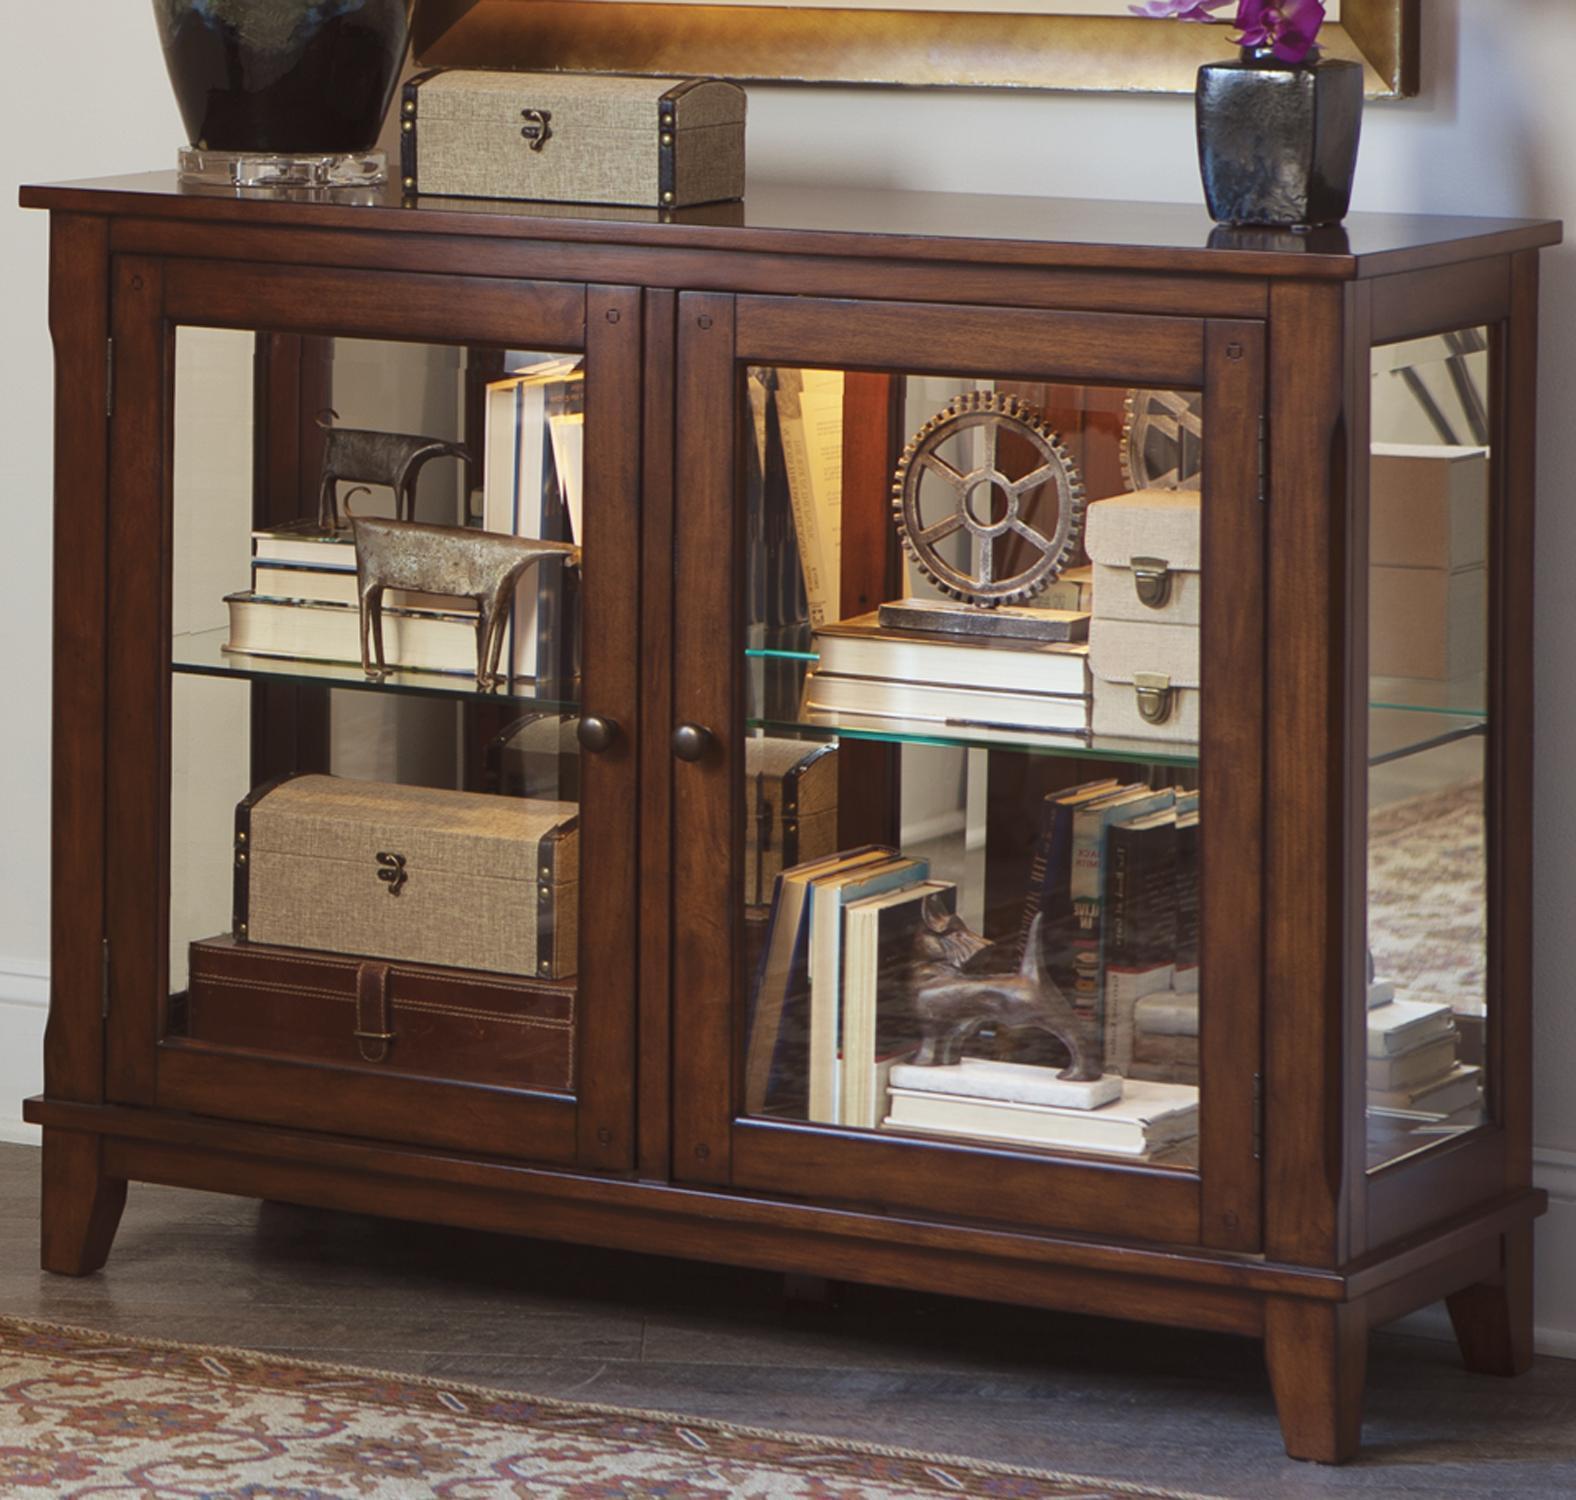 Liberty Furniture Hearthstone Console Curio - Item Number: 582-CU4635